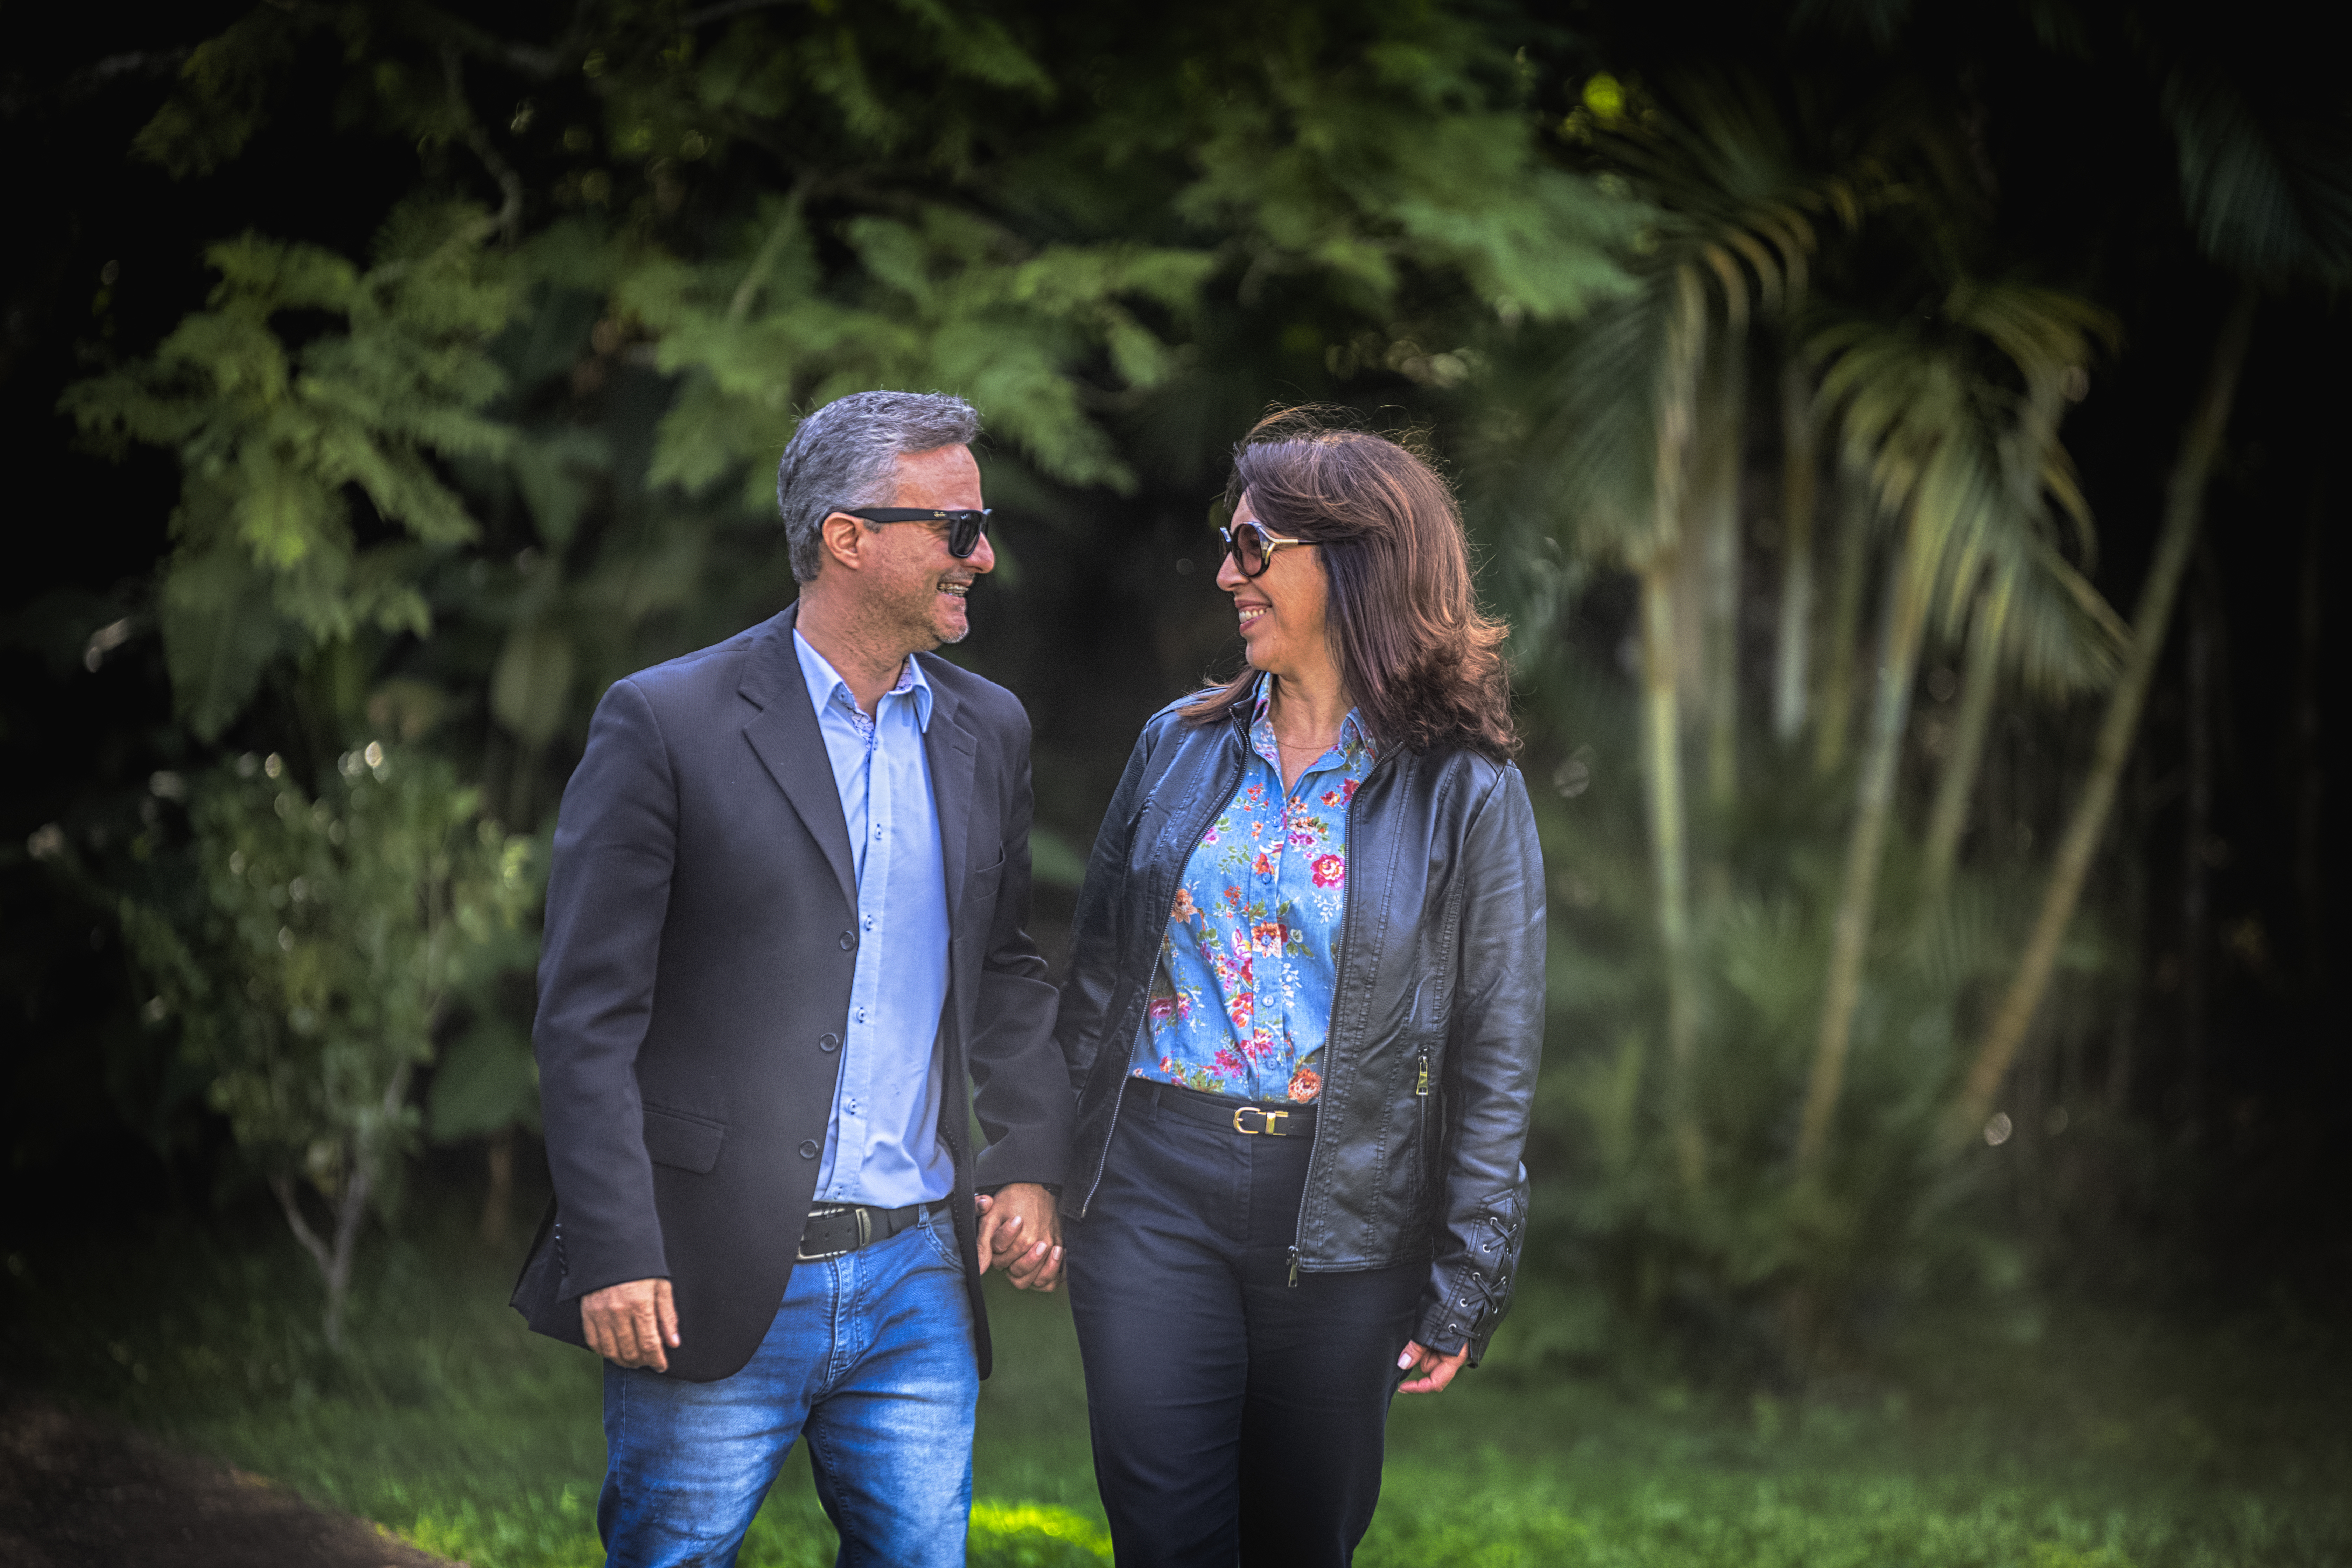 Sobre Fotografo de Casamento - RS Rogerio Frota - Porto Alegre - RS